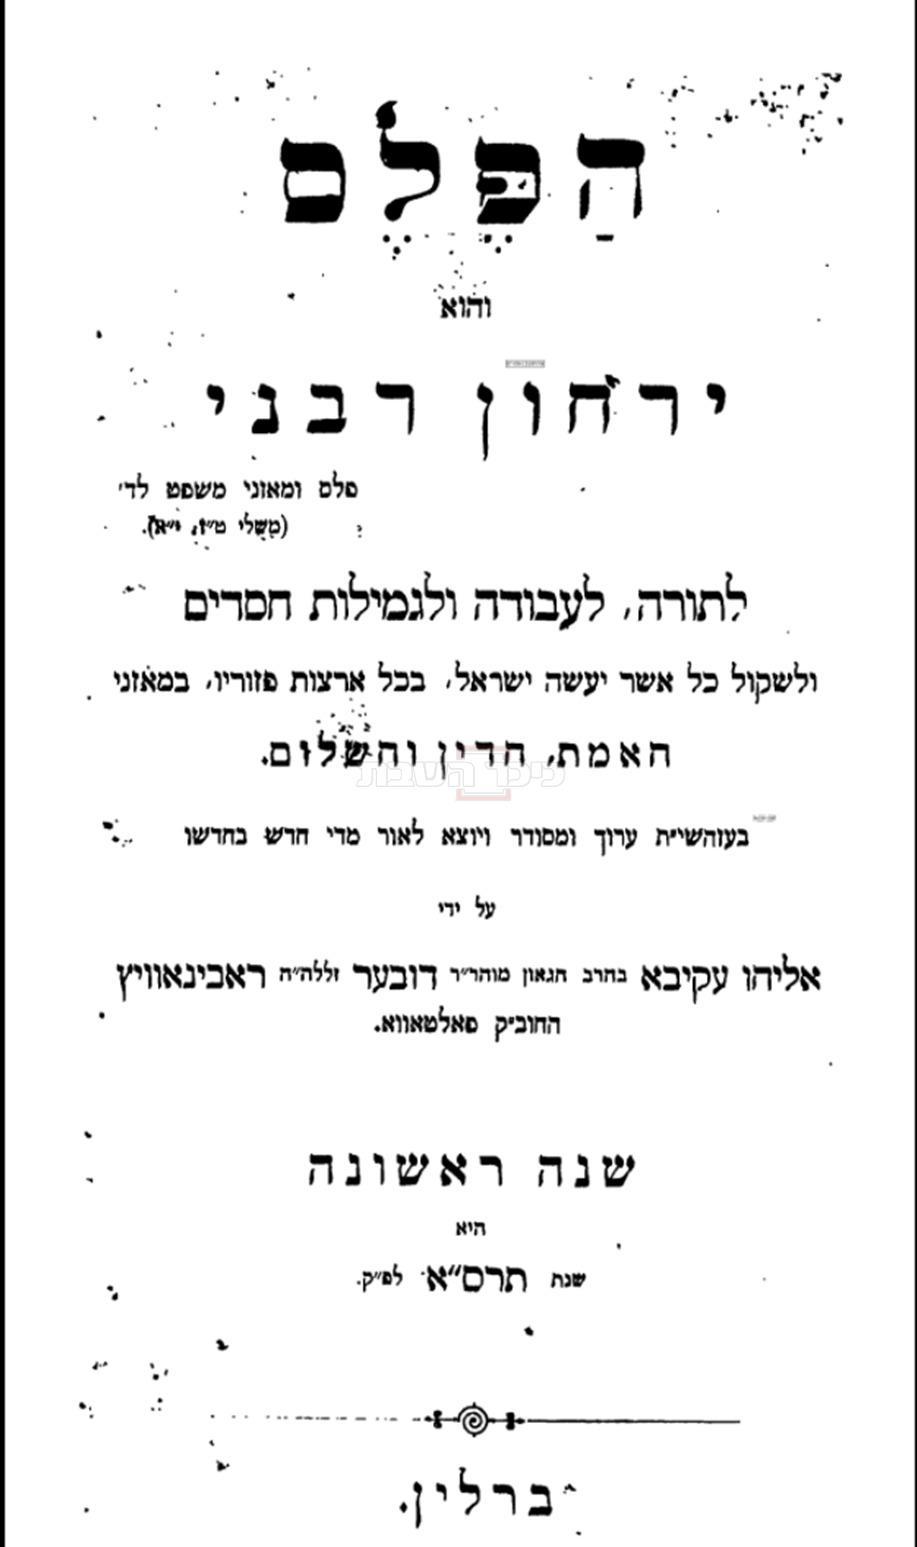 הגלגול הראשון של ''הפלס'', שהודפס בידי הרב רבינוביץ לאחר שפרש[1] מהקונגרס הציוני השני בנשיאות הרצל ( באדיבות אוצר החכמה)